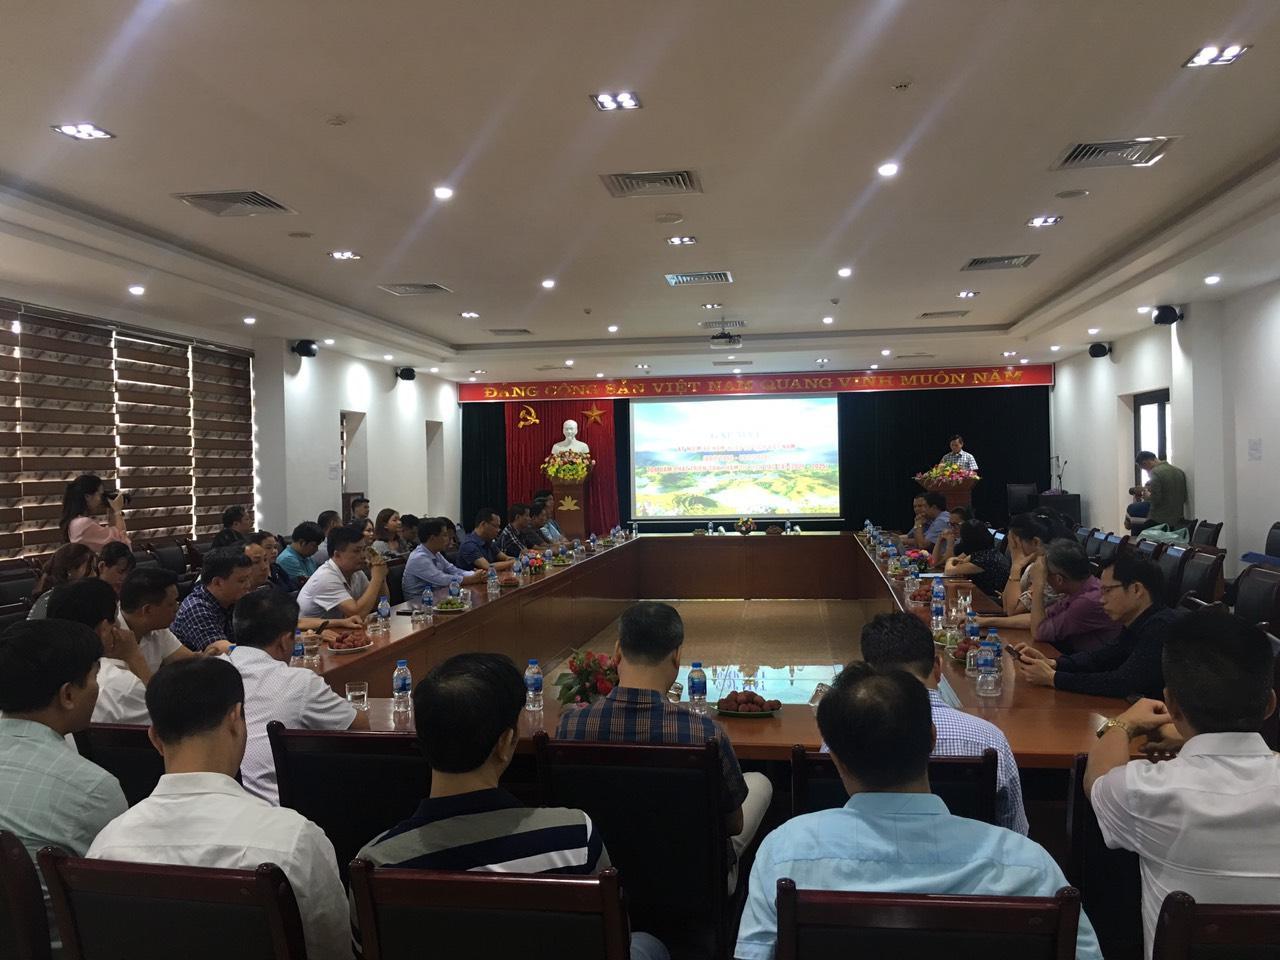 """Tọa đàm về """"Phát triển sản phẩm du lịch Lào Cai giai đoạn 2021-2025 và định hướng đến 2030"""""""